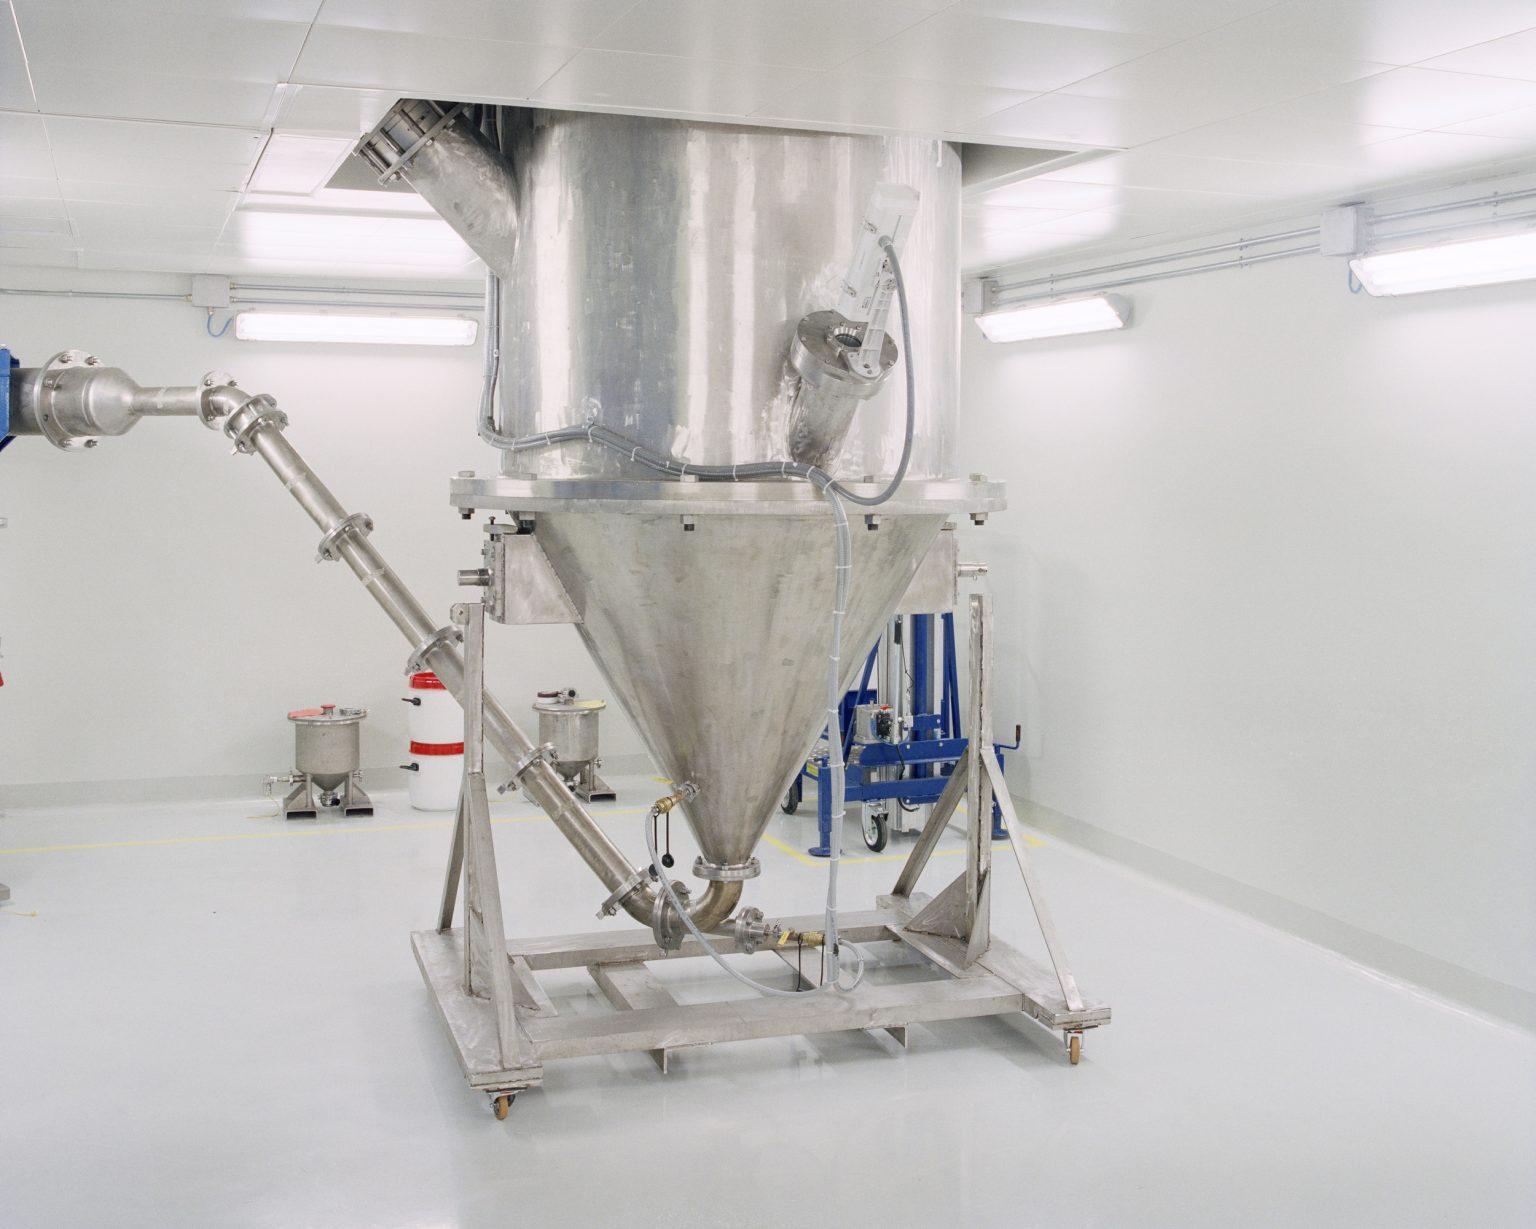 Avio Aero, Cameri (NO), 2017. View of the Titanium Alumina (TiAl) powdery plant at the Avio Aero plant in Cameri (NO). TiAl is a special, lightweight and durable intermetallic alloy, used to produce, through the additive manufacturing - better known as 3D printing - various components of the next-generation aeronautical engines. ><  Avio Aero, Cameri (NO), 2017. Un particolare dell'impianto di produzione delle polveri di Alluminuro di Titanio (TiAl) nello stabilimento Avio Aero di Cameri (NO). Il TiAl è una speciale lega intermetallica molto leggera e resistente, utilizzata per realizzare, tramite l'additive manufacturing – meglio nota come stampa 3D - diverse componenti dei motori aeronautici di nuova generazione.